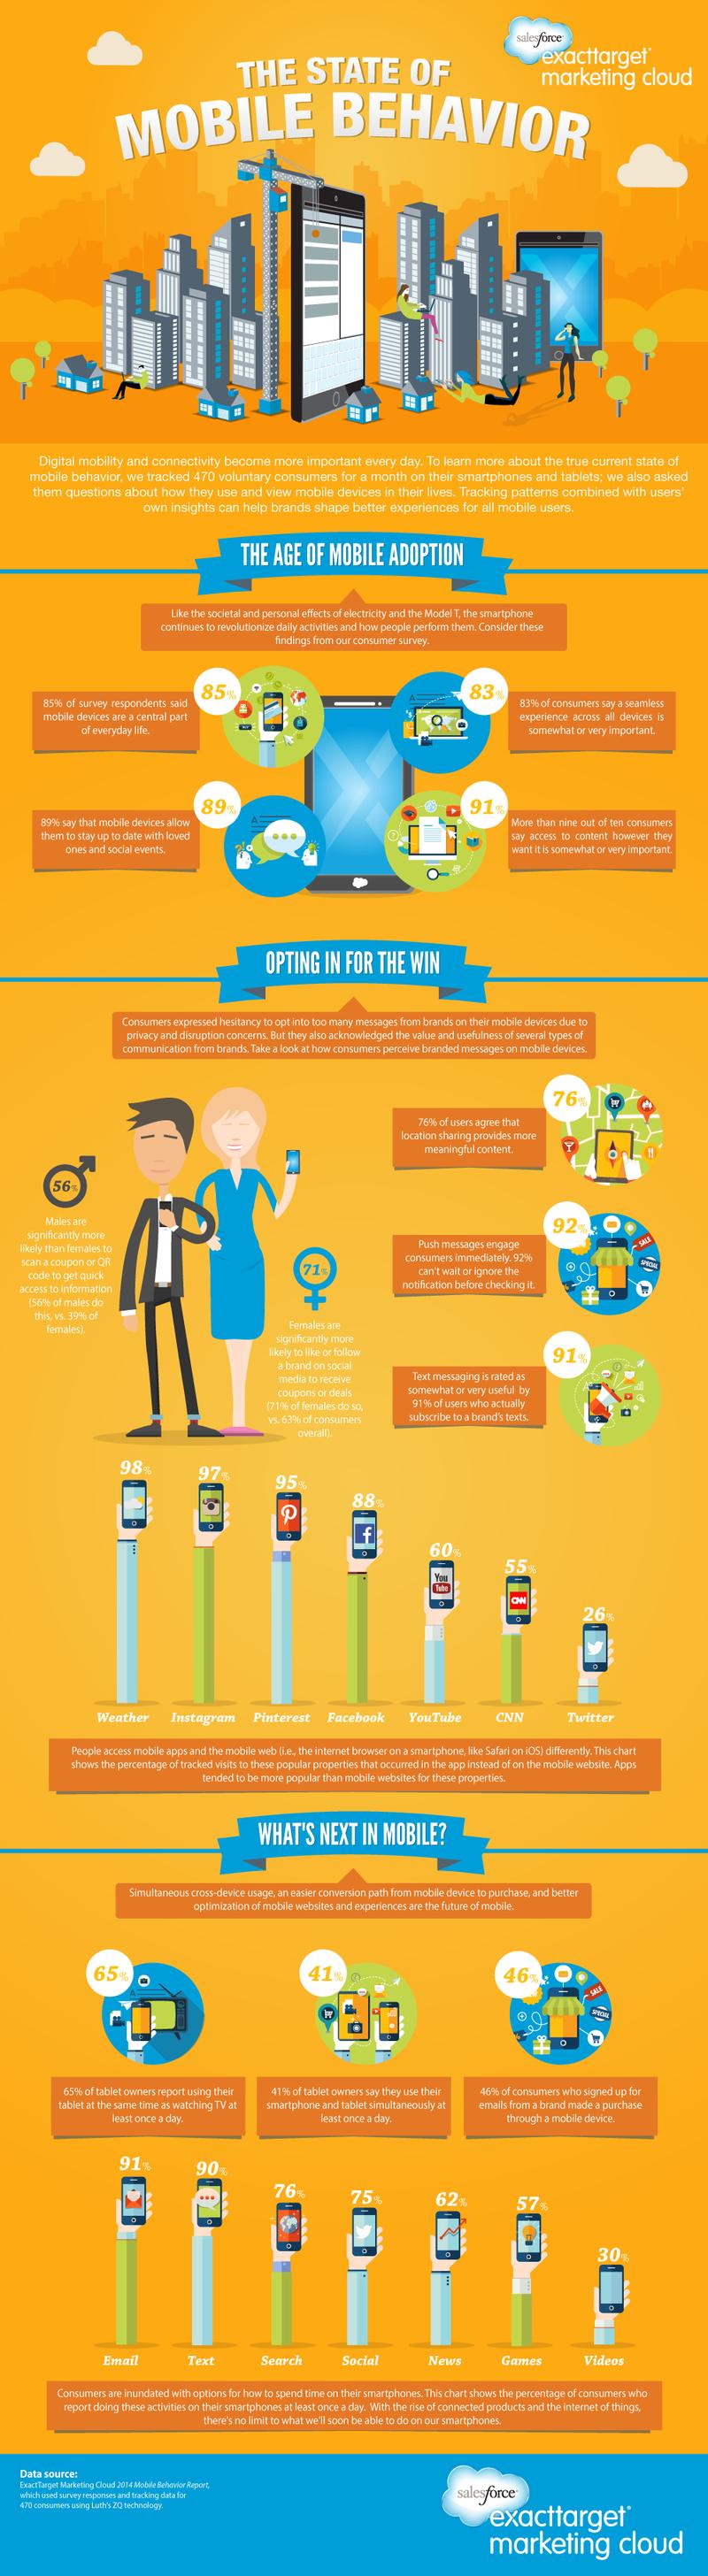 Mobile Behavior 2014